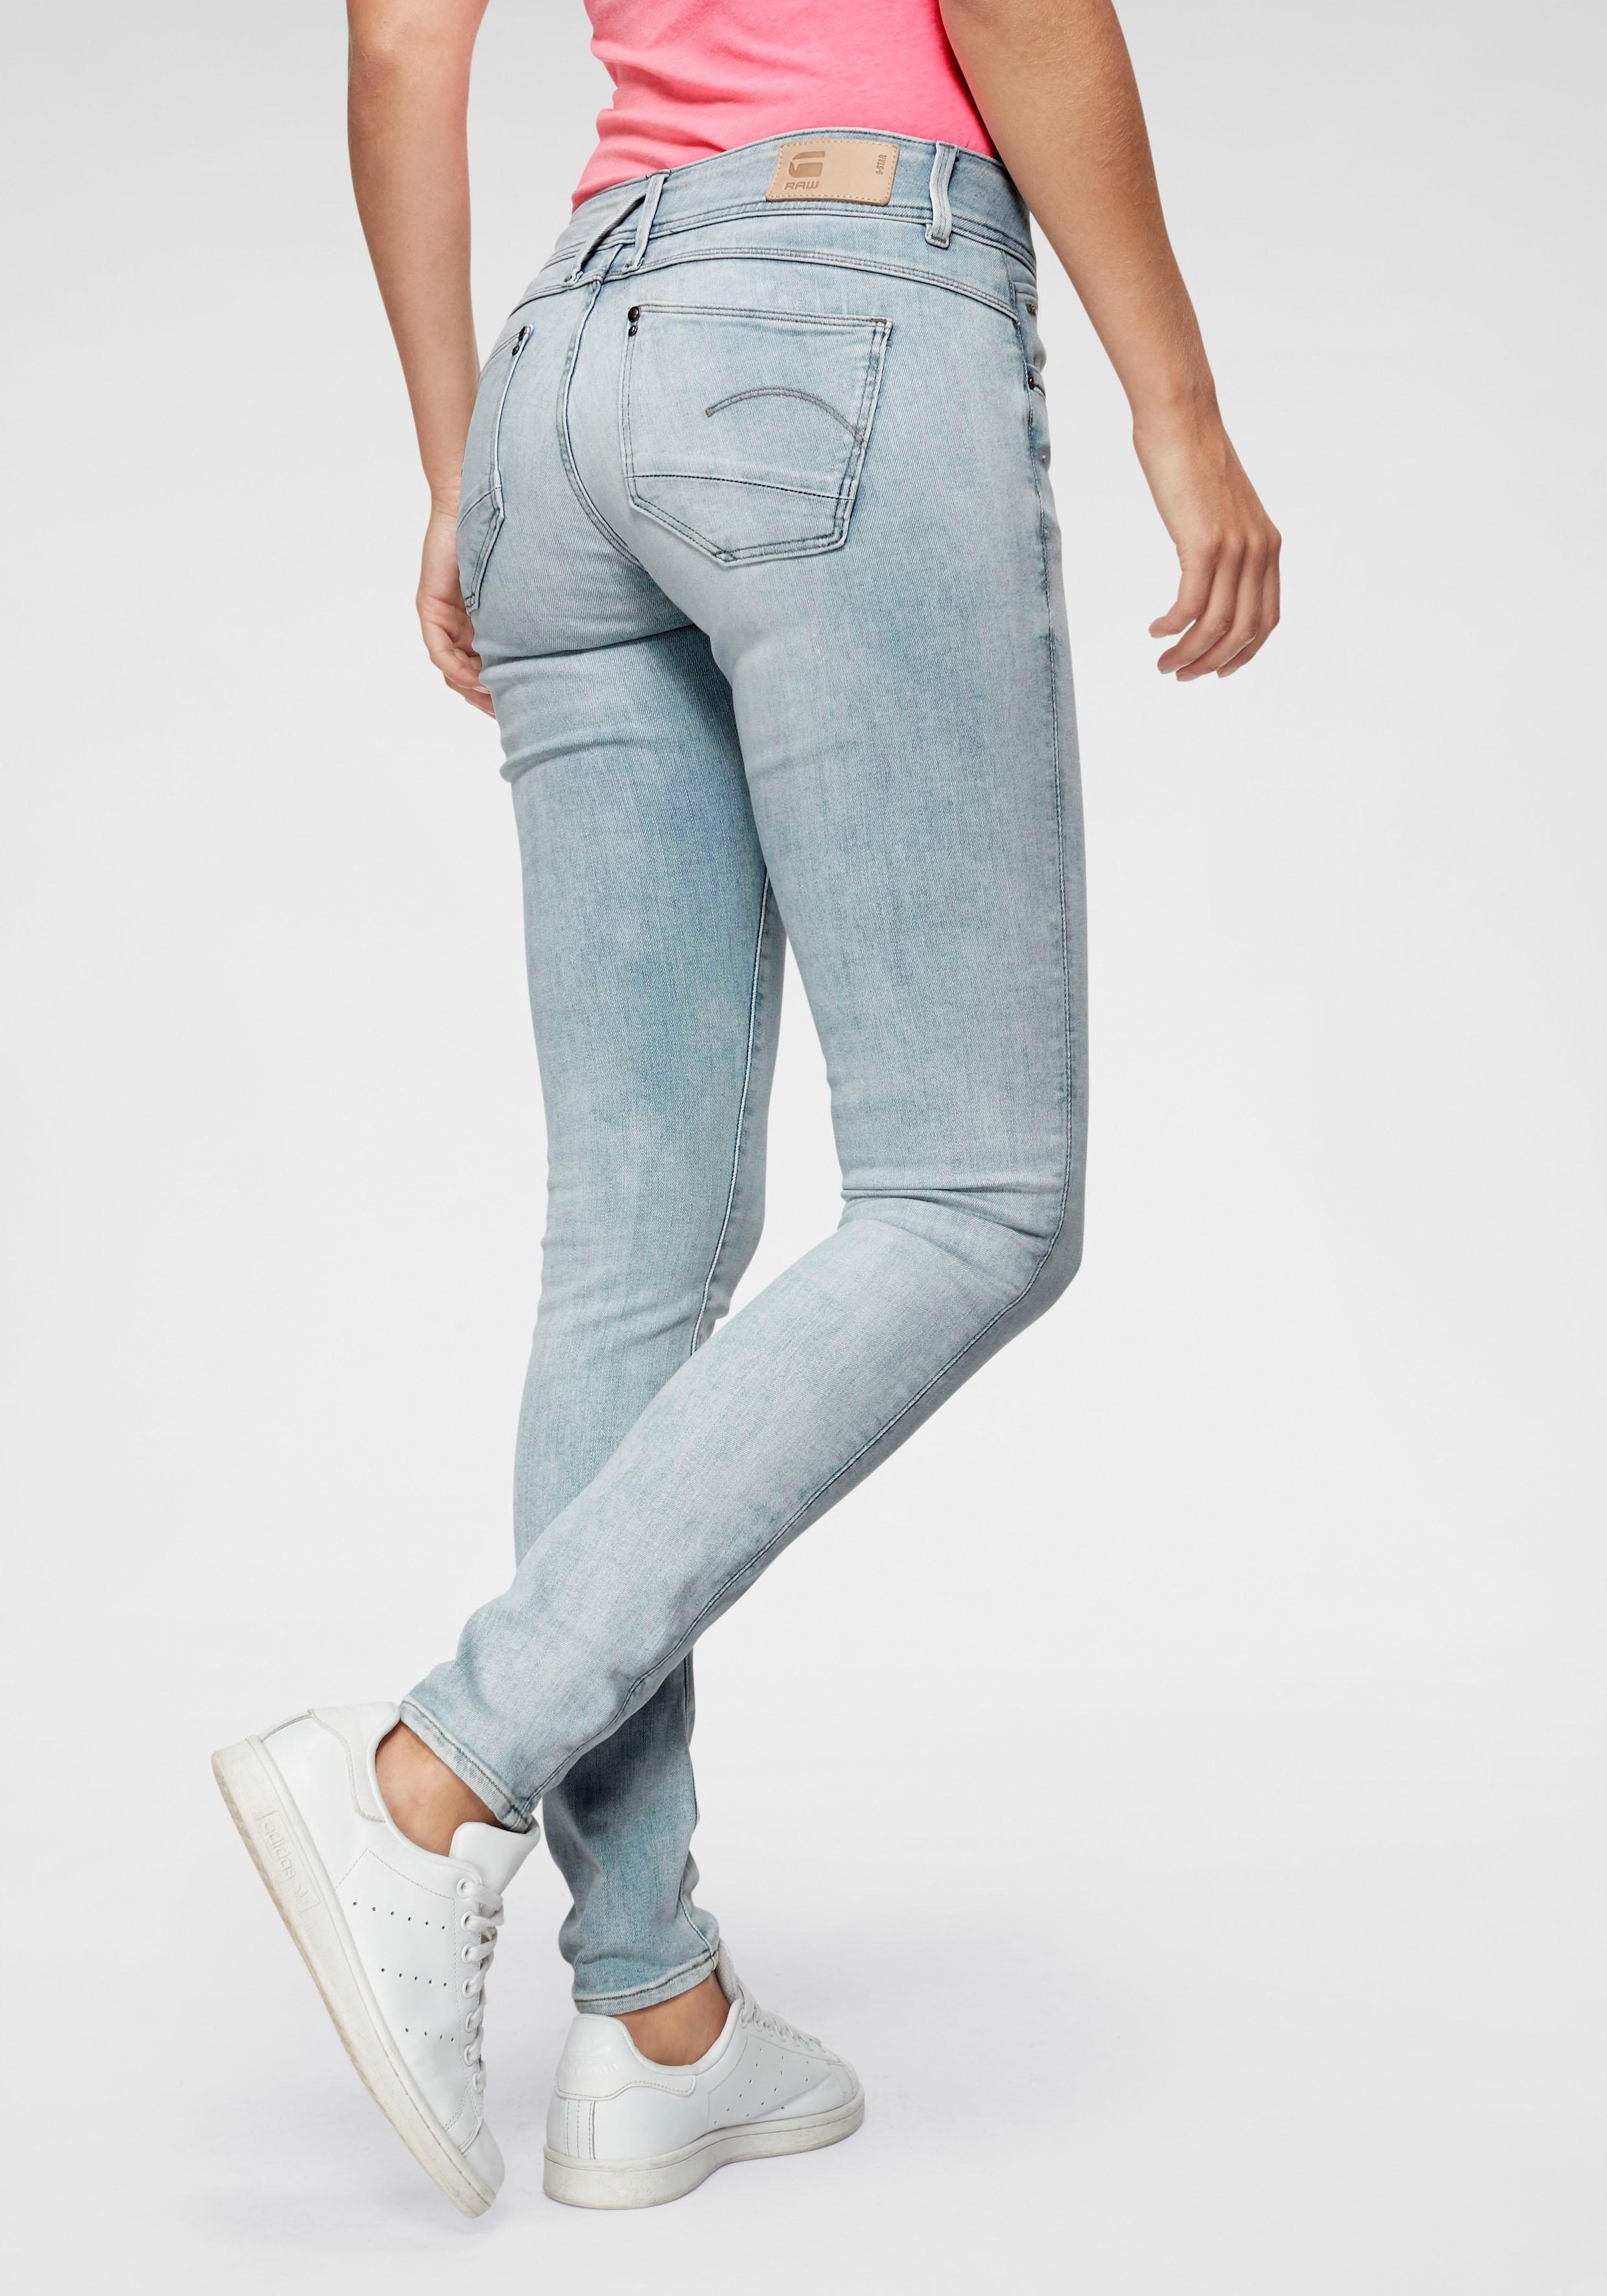 90c077b6baaa7b Afbeeldingsbron: G-Star RAW skinny fit jeans »Lynn Mid Skinny wmn NEW«